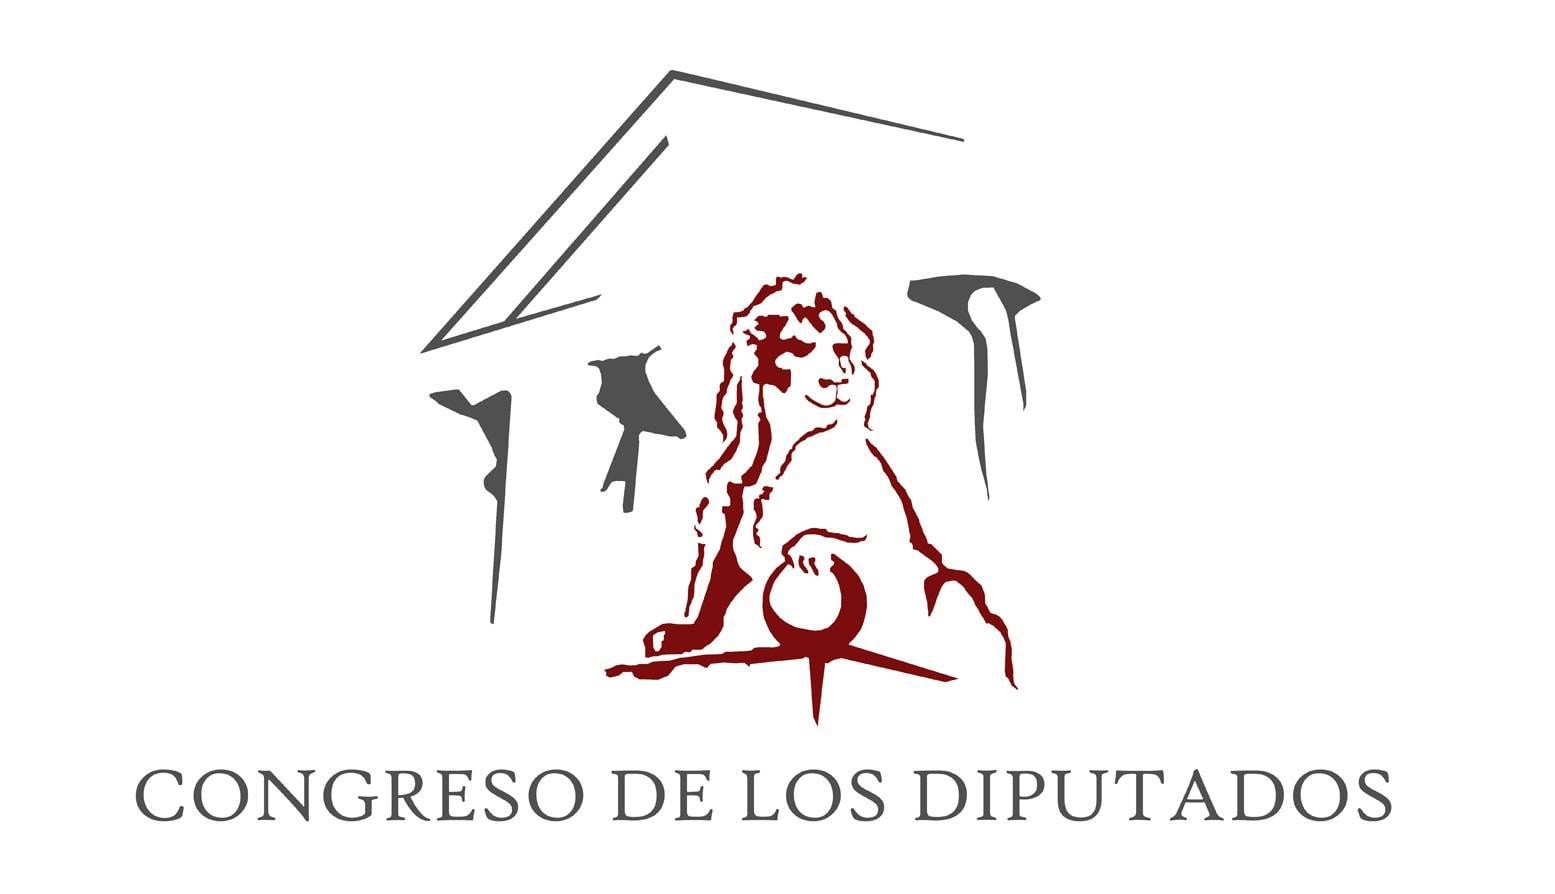 logo de congreso de los diputados - Exposición pública del censo electoral. Elecciones Generales 2008